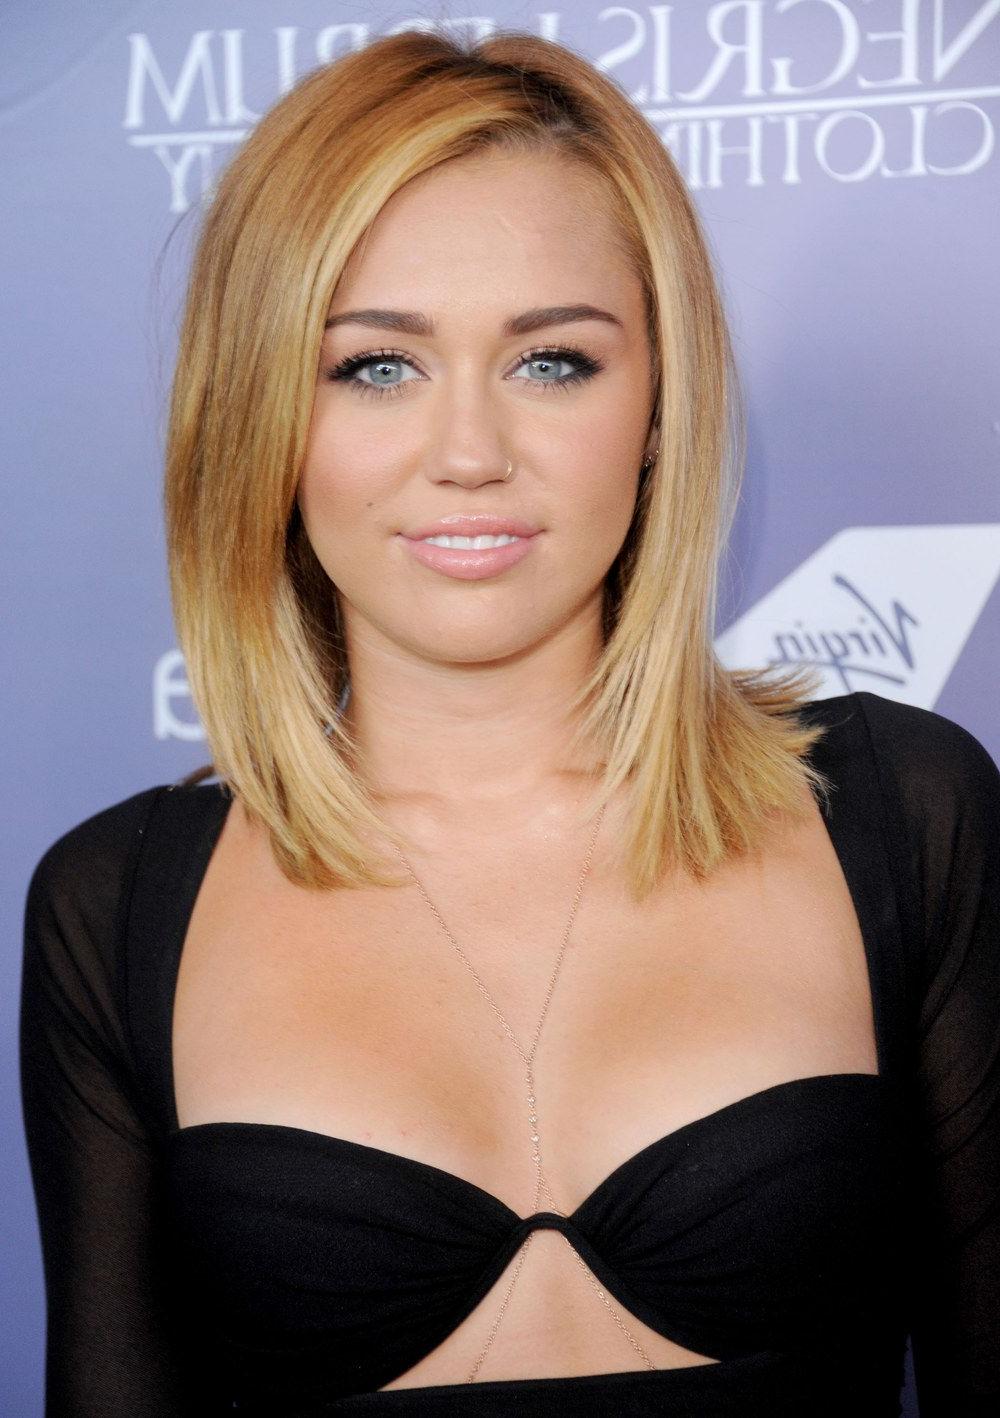 Miley Cyrus : Elle Se Laisse Pousser Les Cheveux (View 13 of 20)